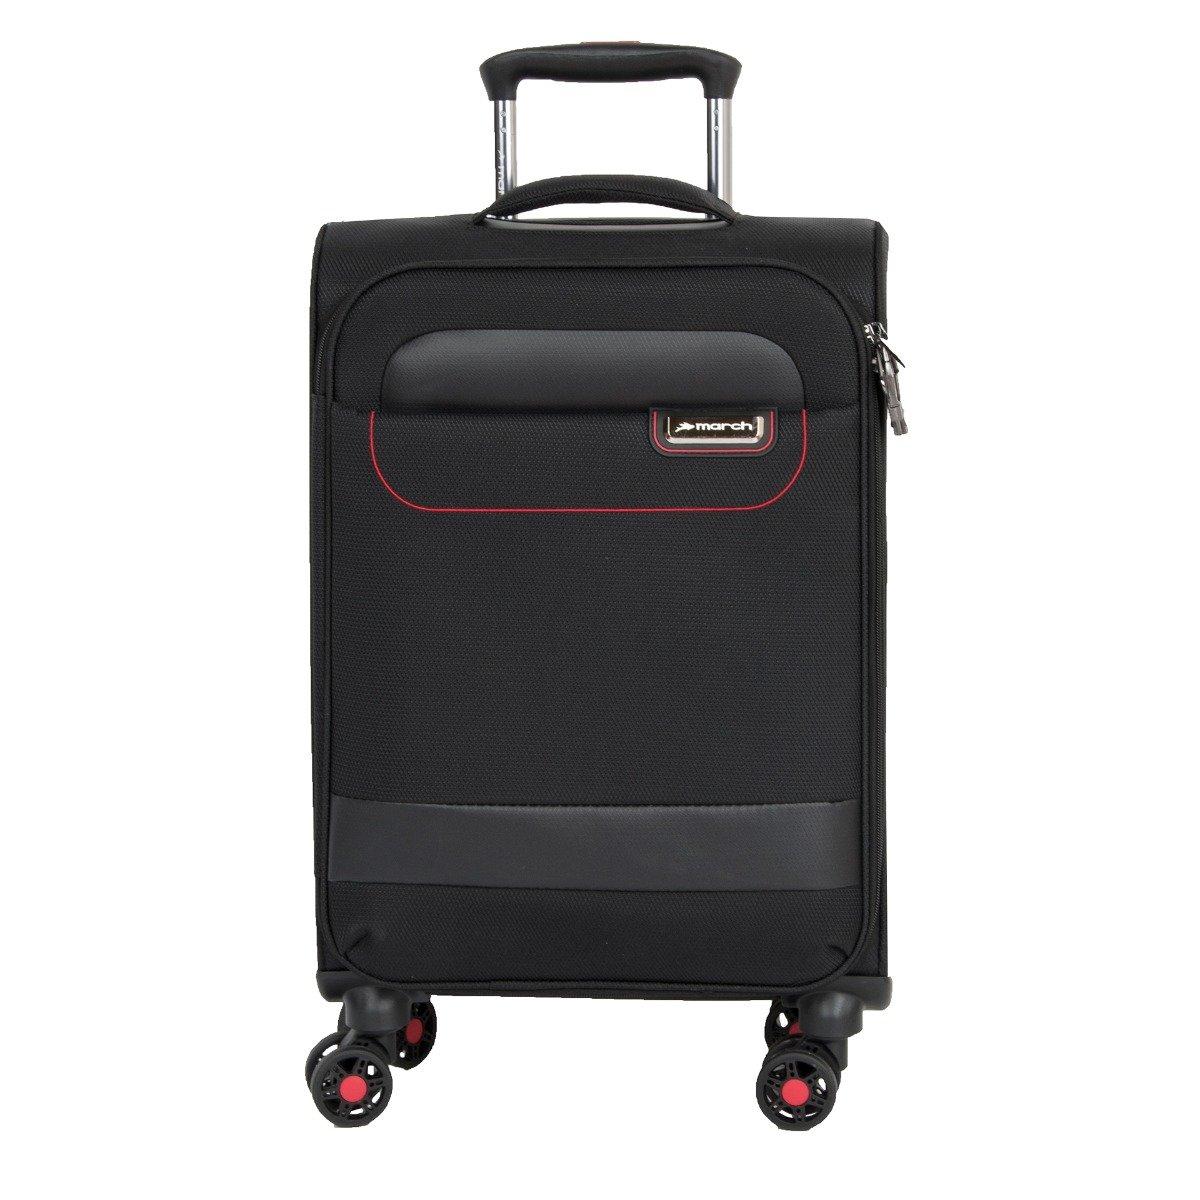 Cestovní kufr March Tourer S Black/ Red